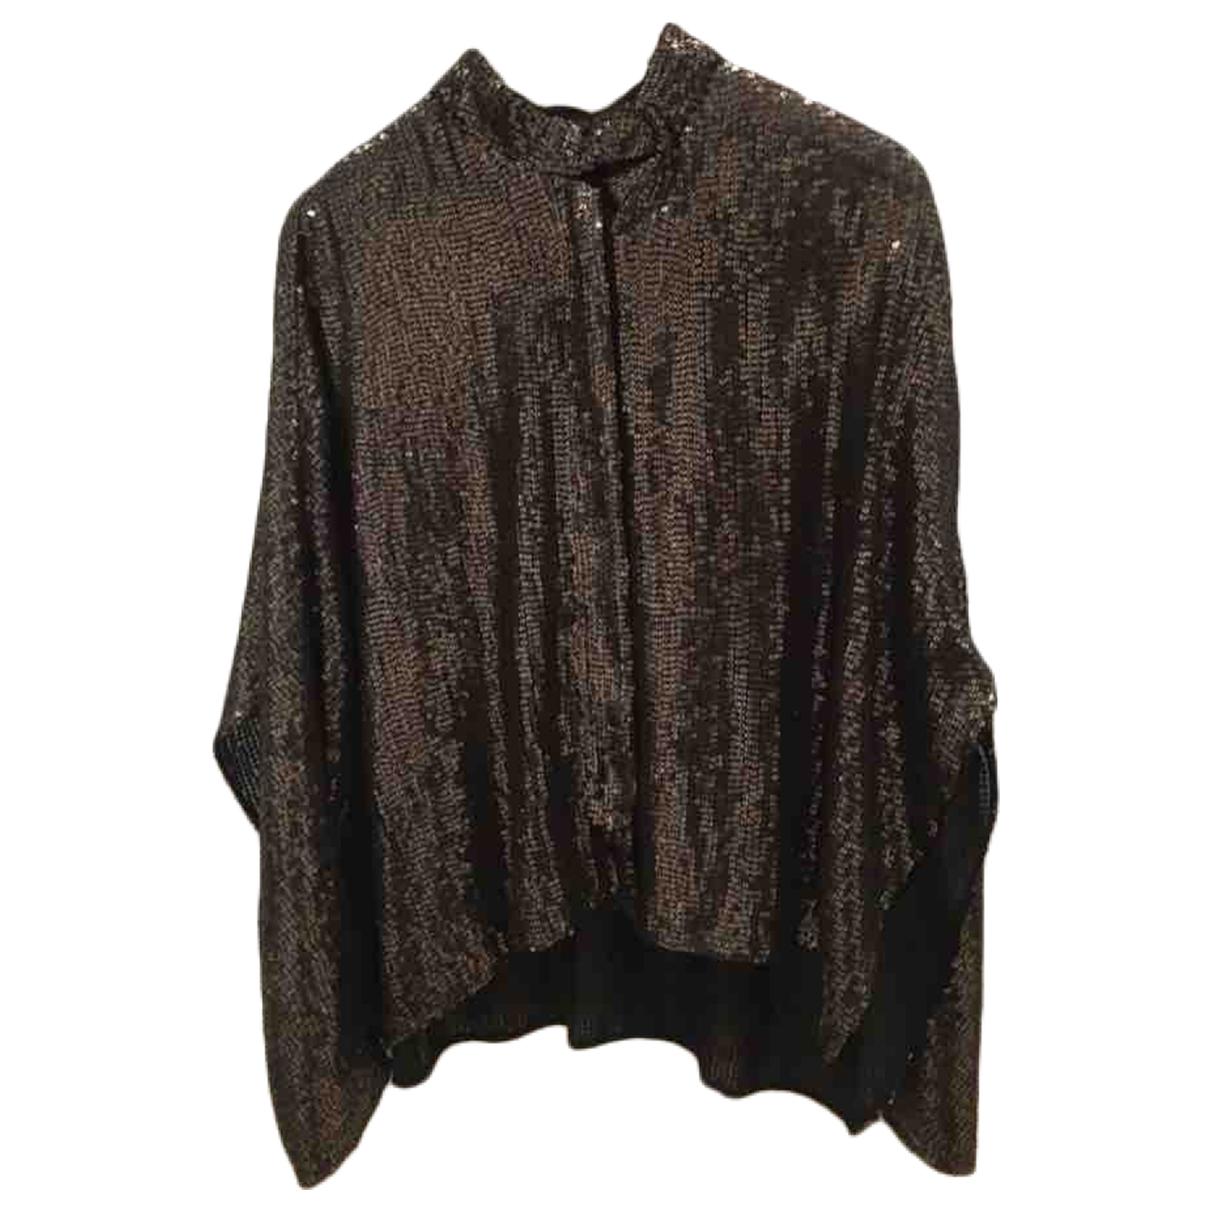 Zara - Top   pour femme en a paillettes - metallise